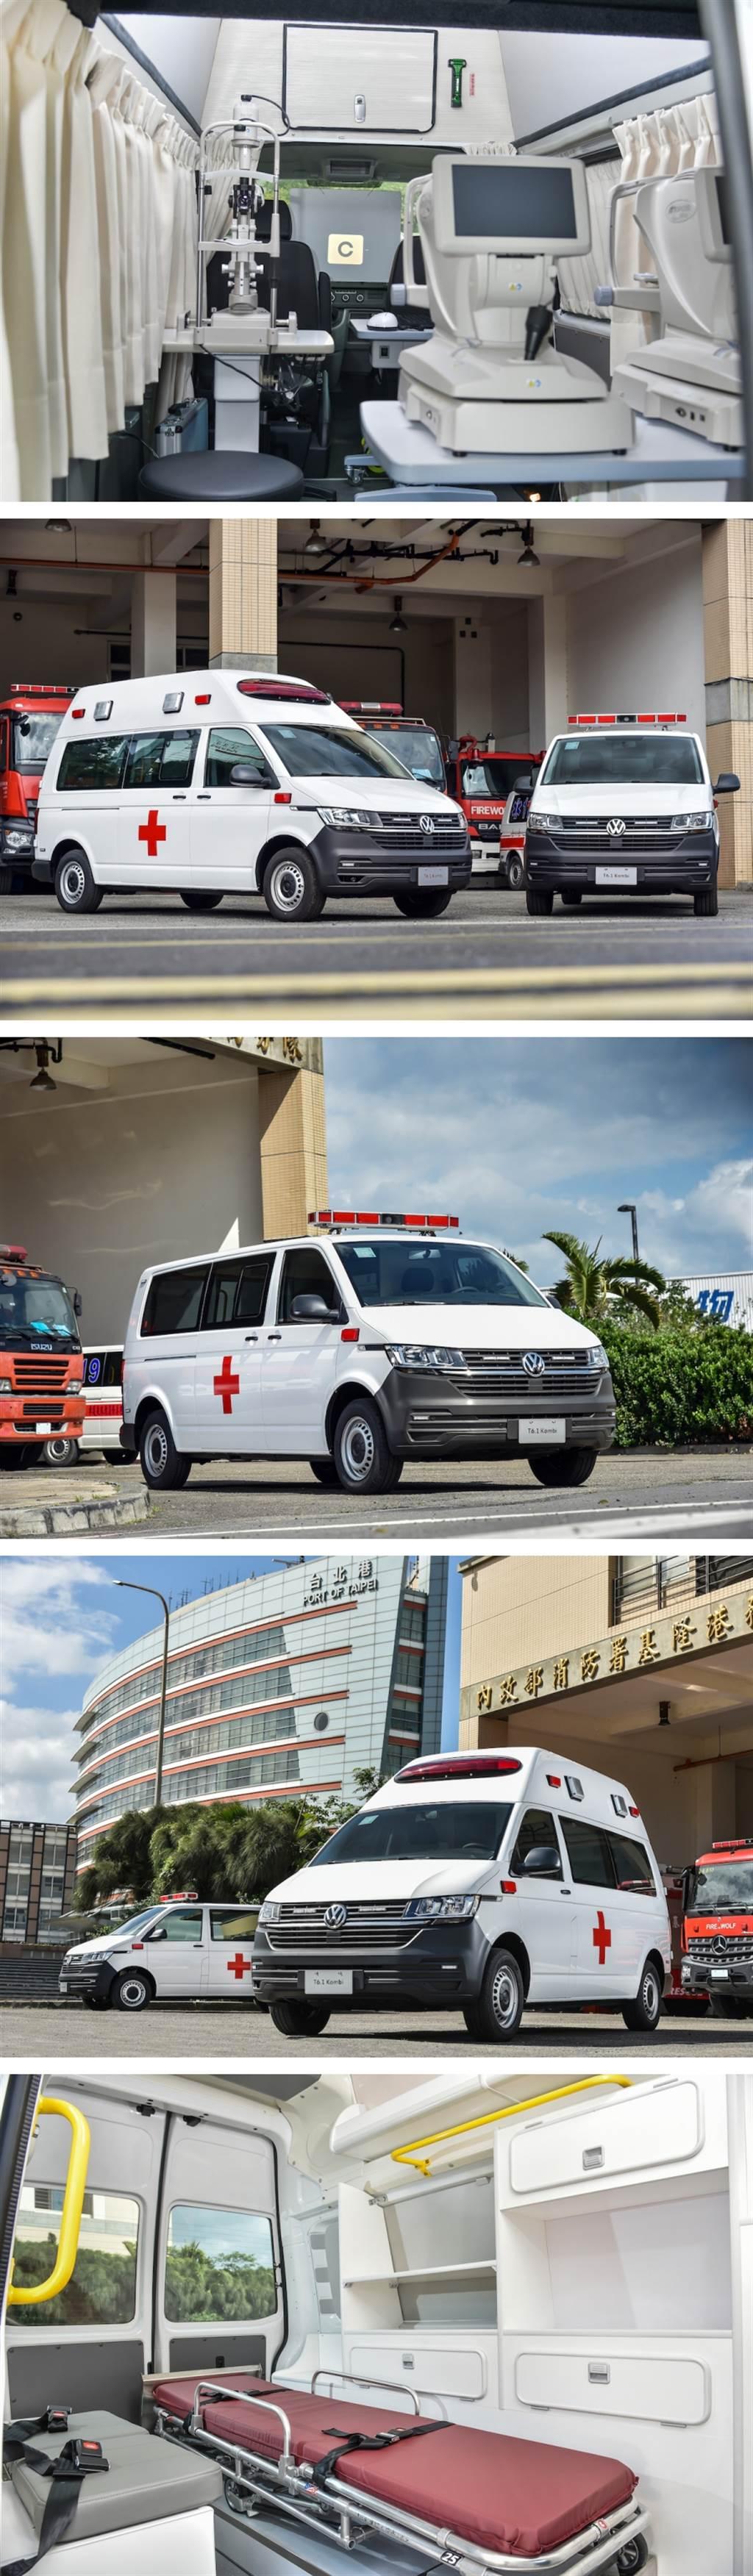 139.8萬起五種規格選擇, Volkswagen T6.1 Kombi/Caravelle 復康巴士正式上市